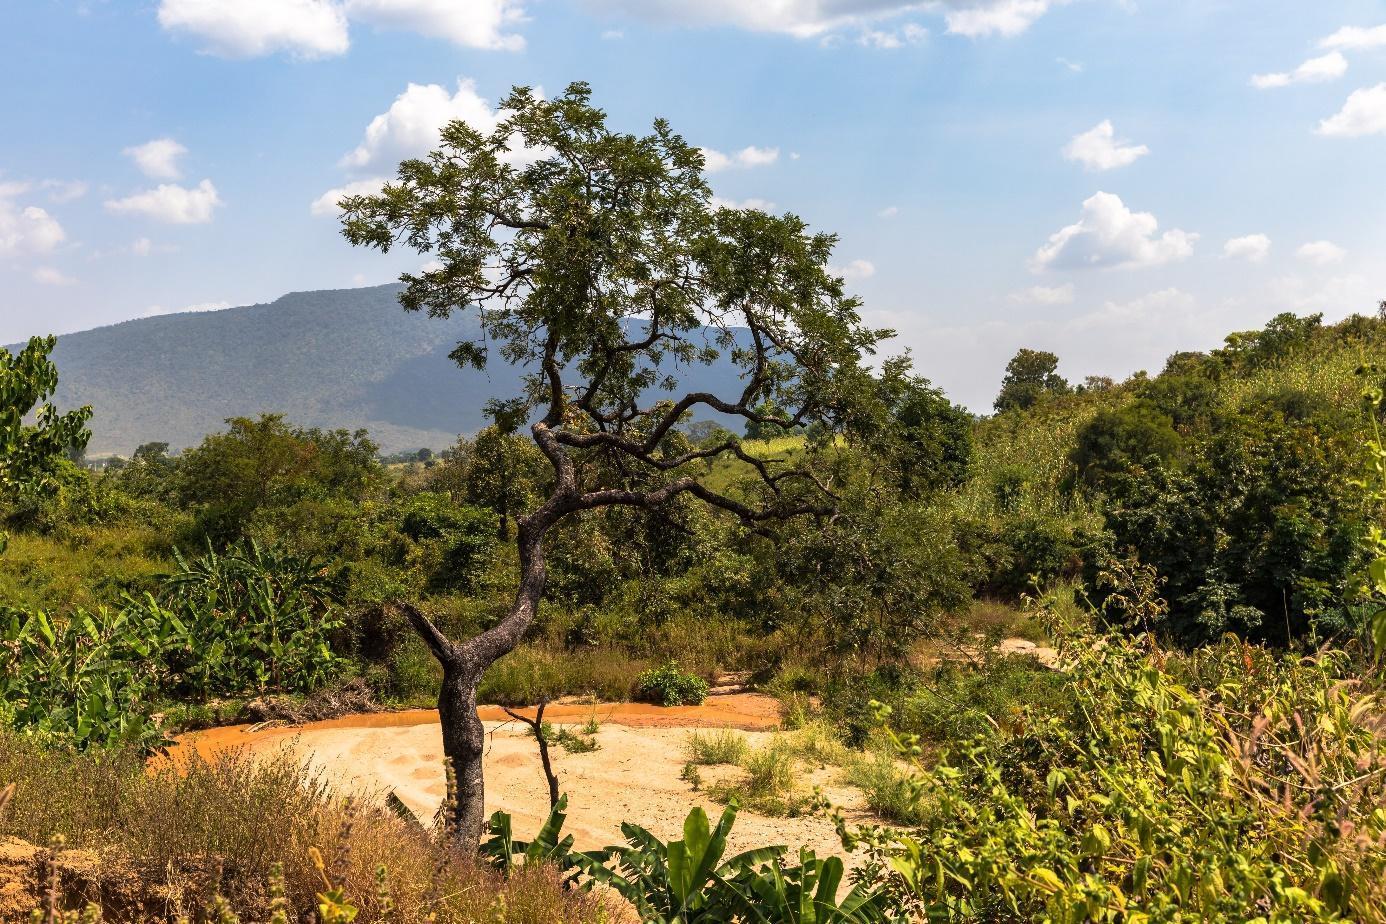 Ein Bild, das Baum, draußen, Himmel, Gras enthält.  Automatisch generierte Beschreibung